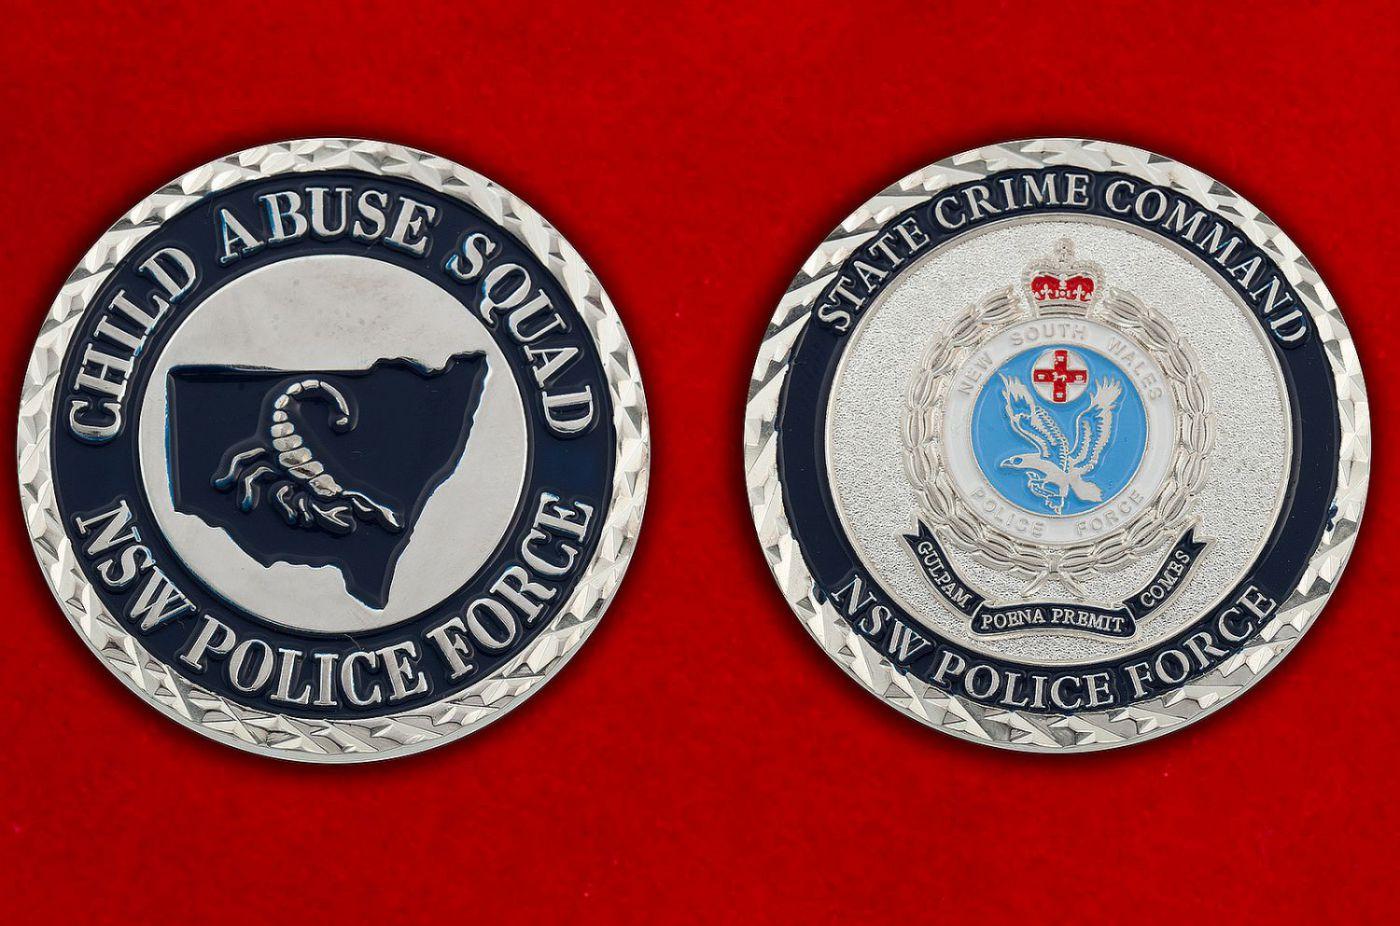 Челлендж коин Отдела по борьбе с жестоким обращением с детьми полиции Нового Южного Уэльса (Австралия) - аверс и реверс